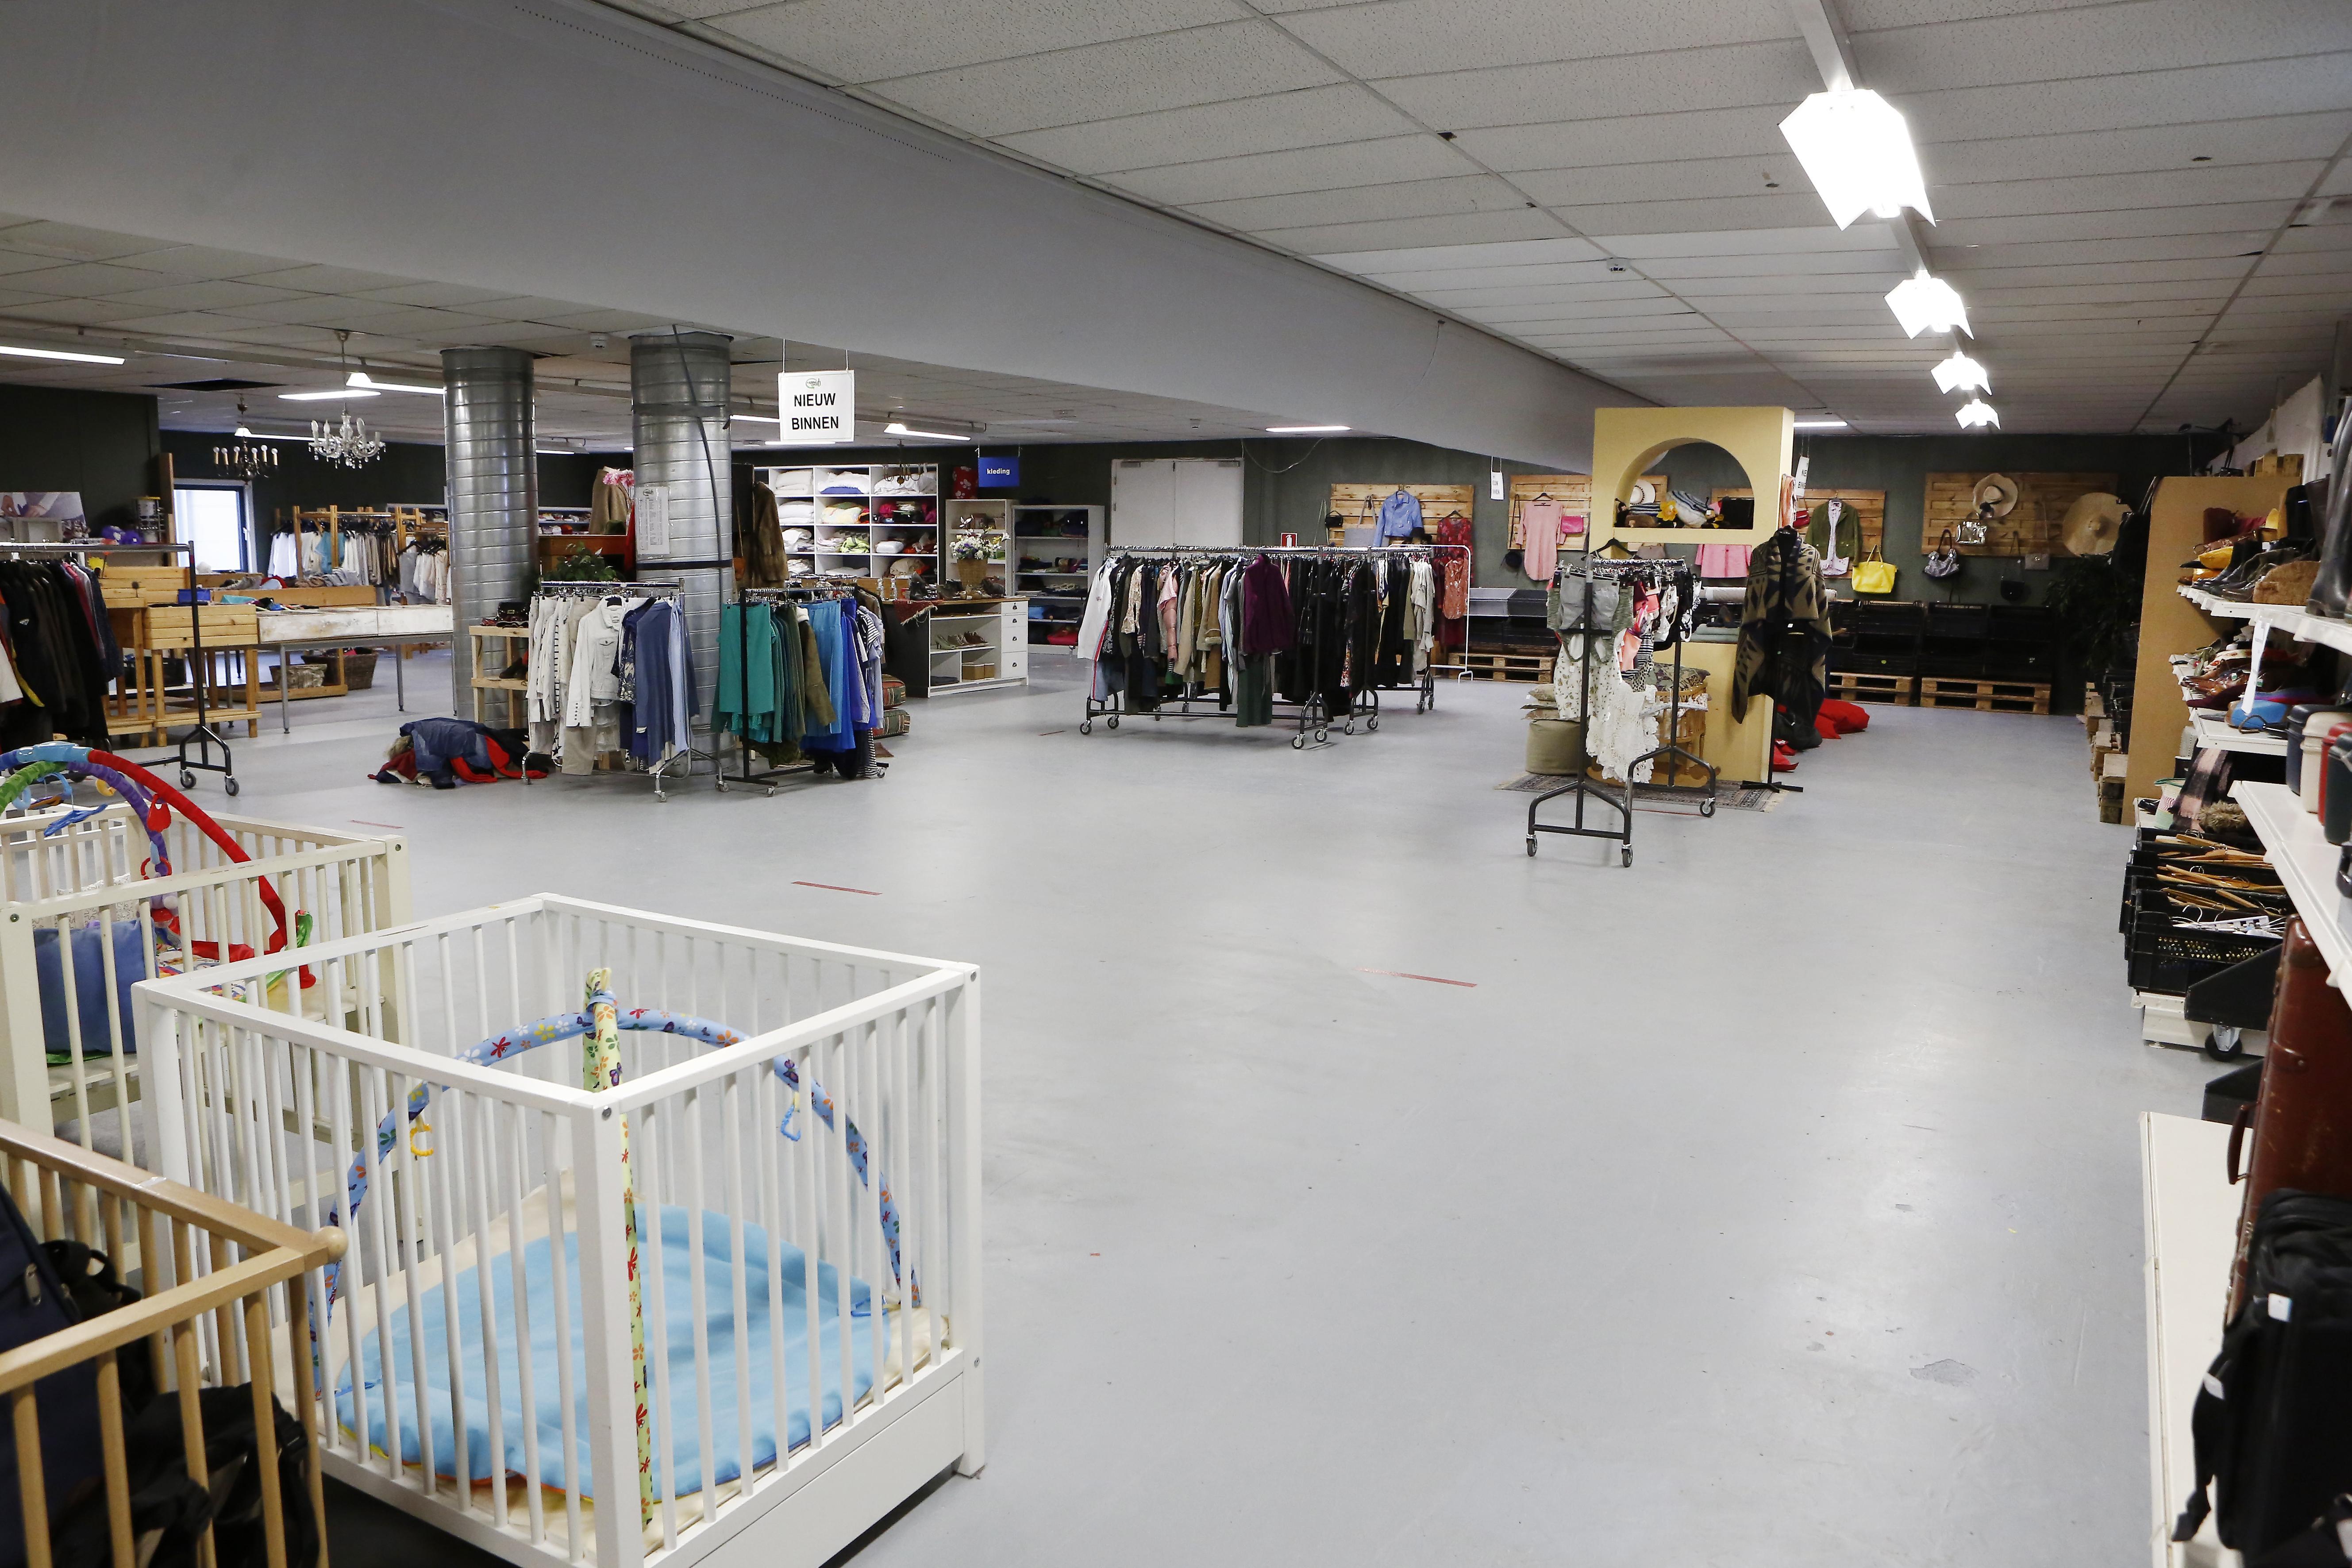 Kringloopwinkels in Naarden, Weesp en Eemnes verontwaardigd over suggestie van overvolle magazijns. 'We hebben ruimte zat. Kom maar op met die spullen!'